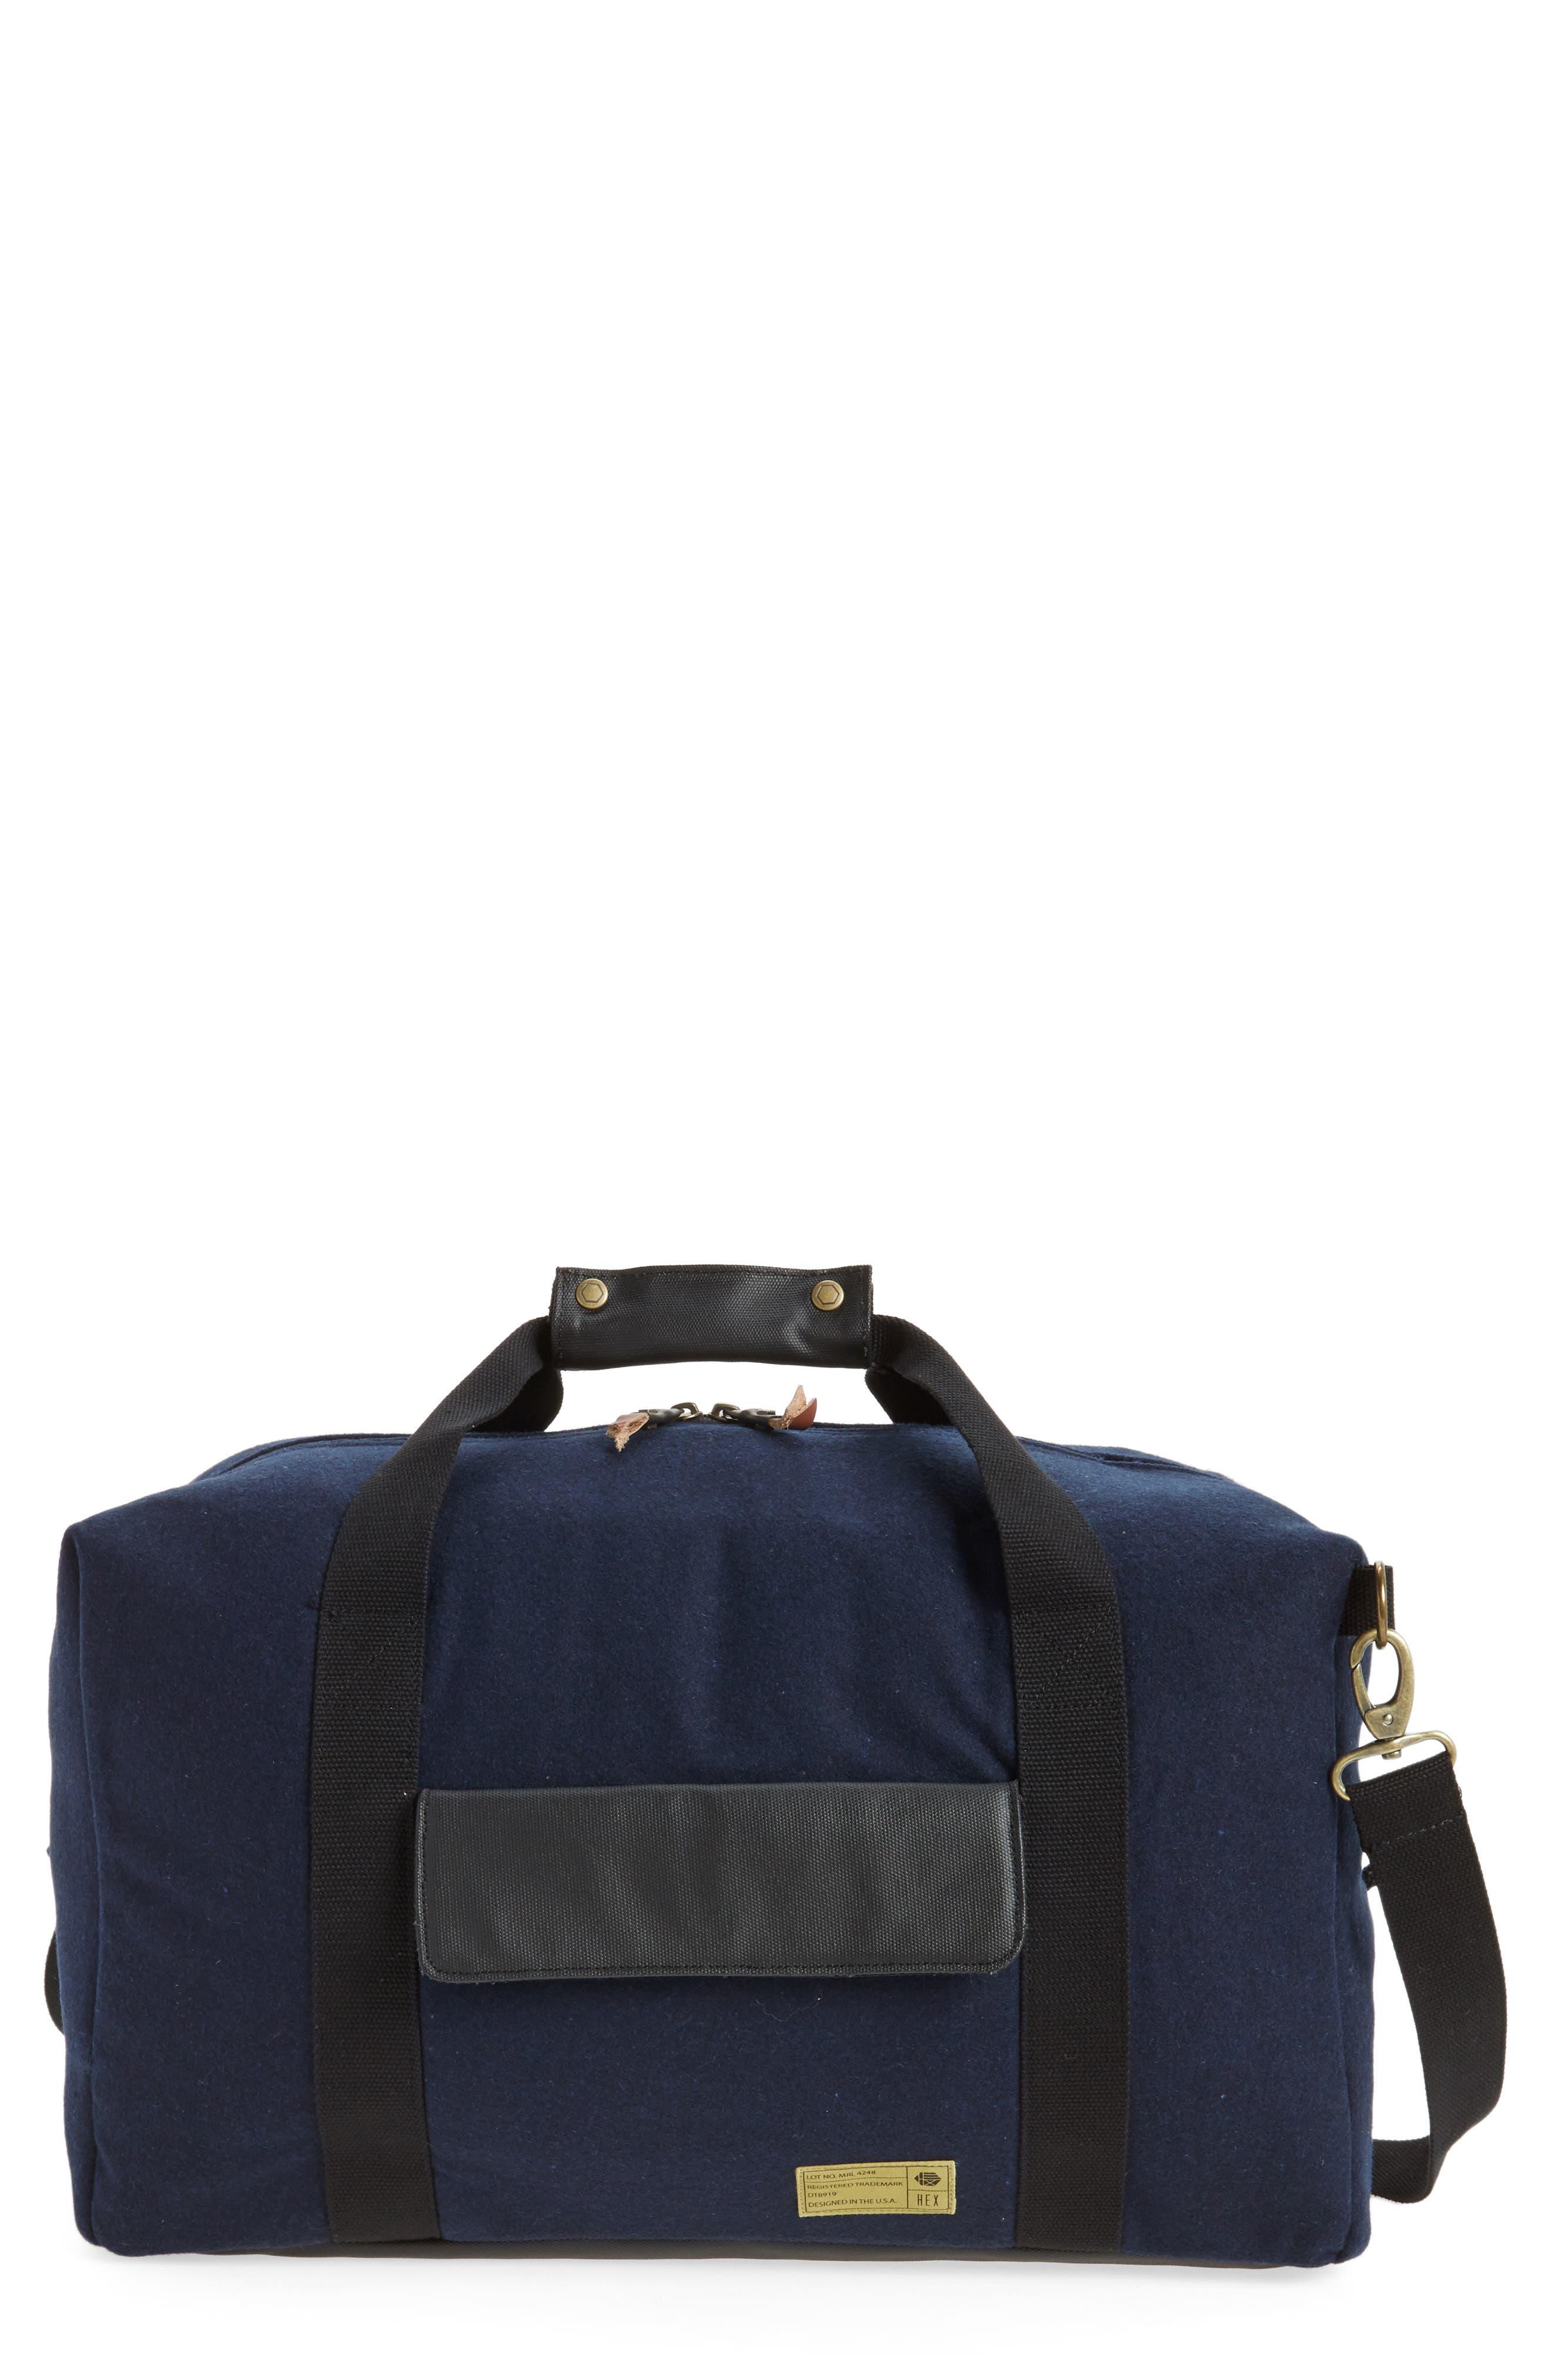 Main Image - HEX Duffel Bag